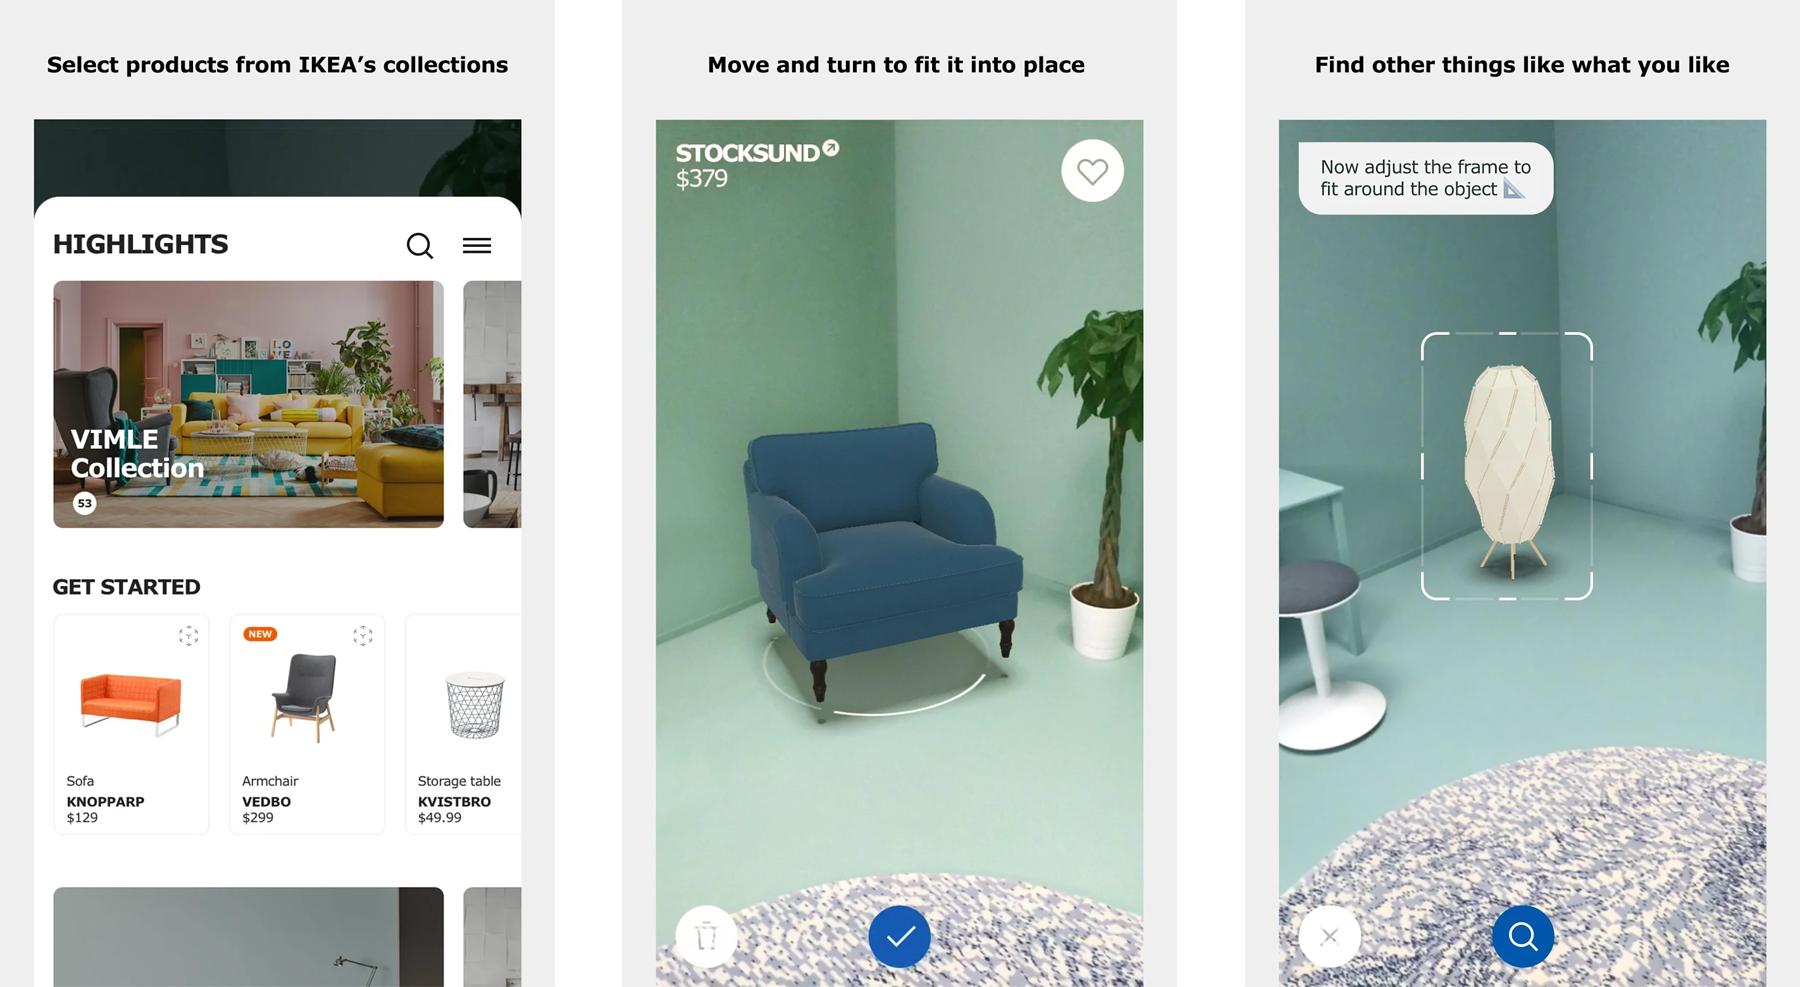 Как примерить предметы мебели из IKEA без посещения магазина